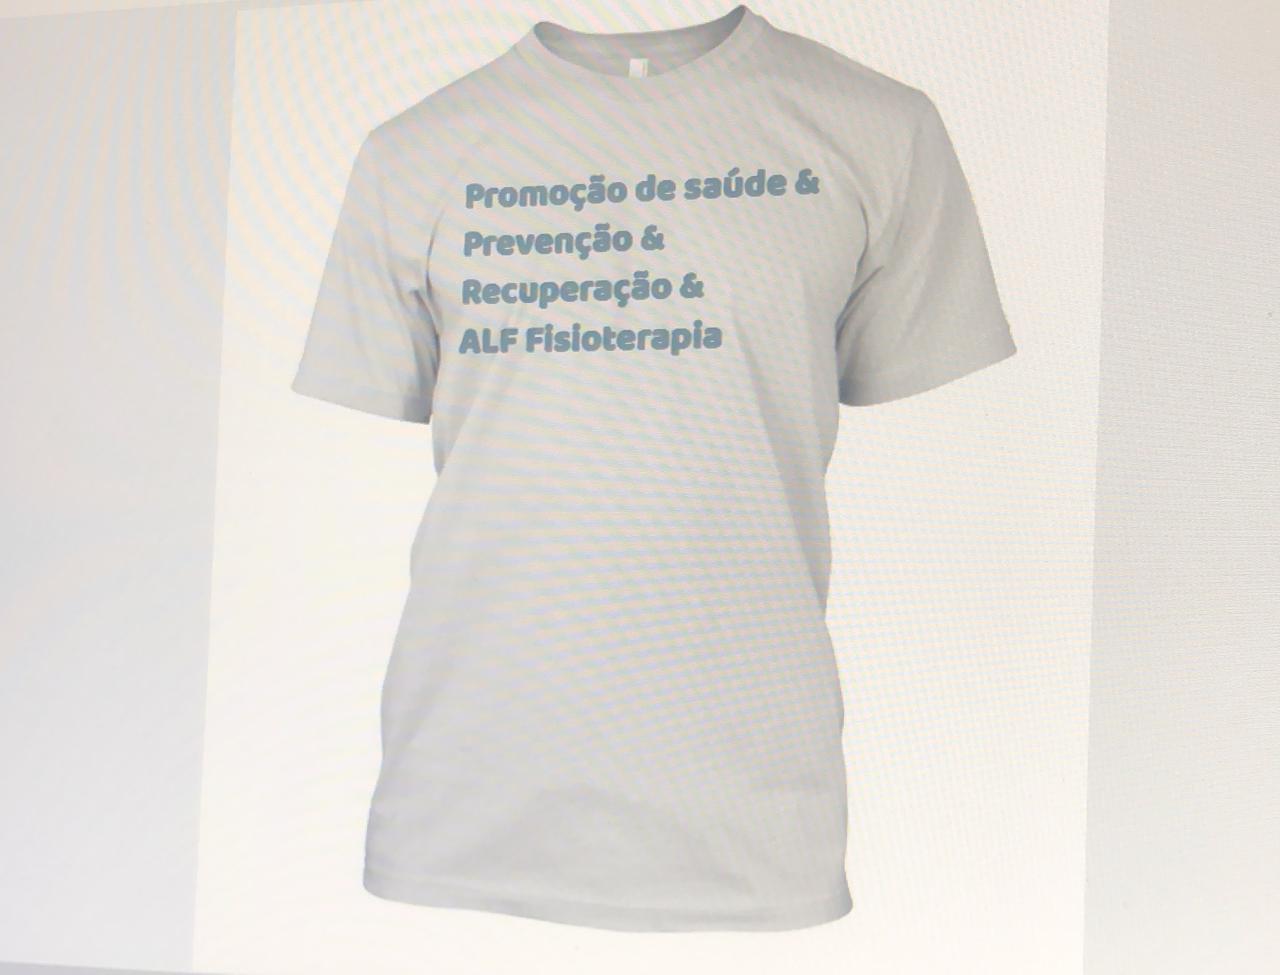 Camiseta saude prevenção fisioterapia ALF personalizada Algodão